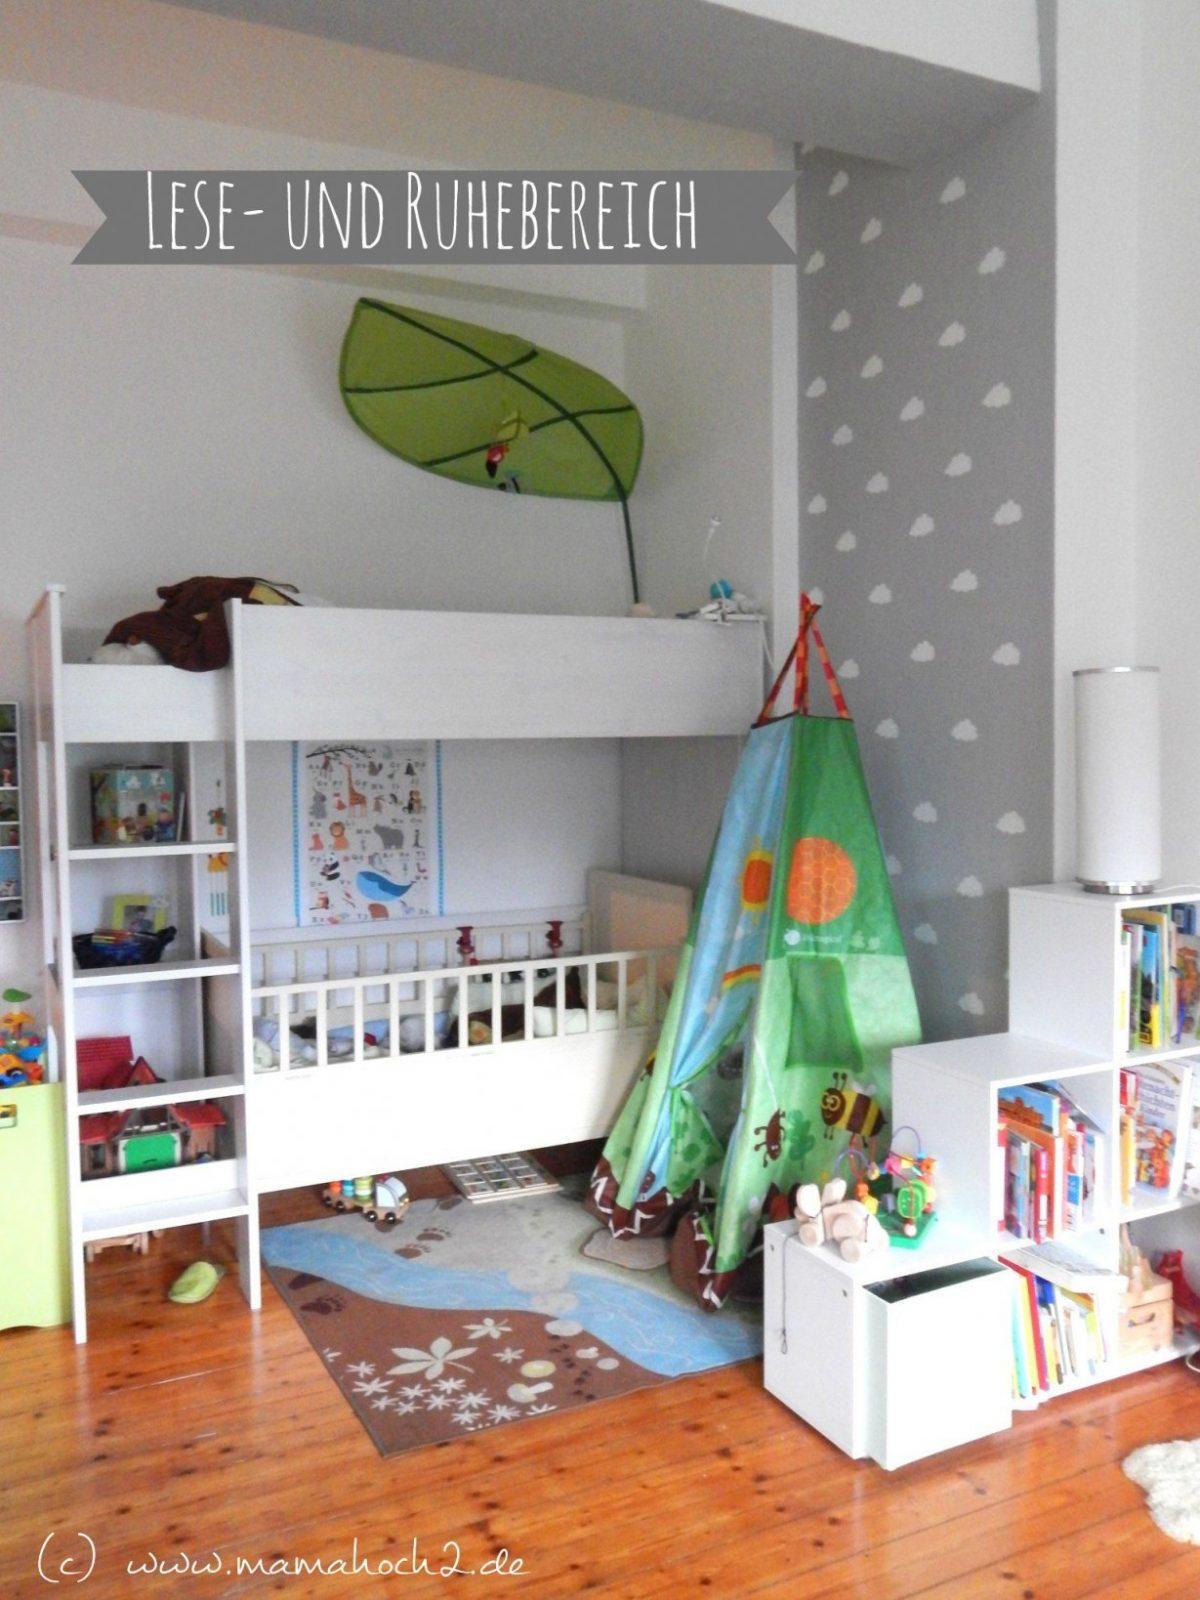 Kinderzimmer Für Zwei Lausebengel  Kinderzimmerideen  Interior von Kleines Kinderzimmer Für Zwei Einrichten Bild